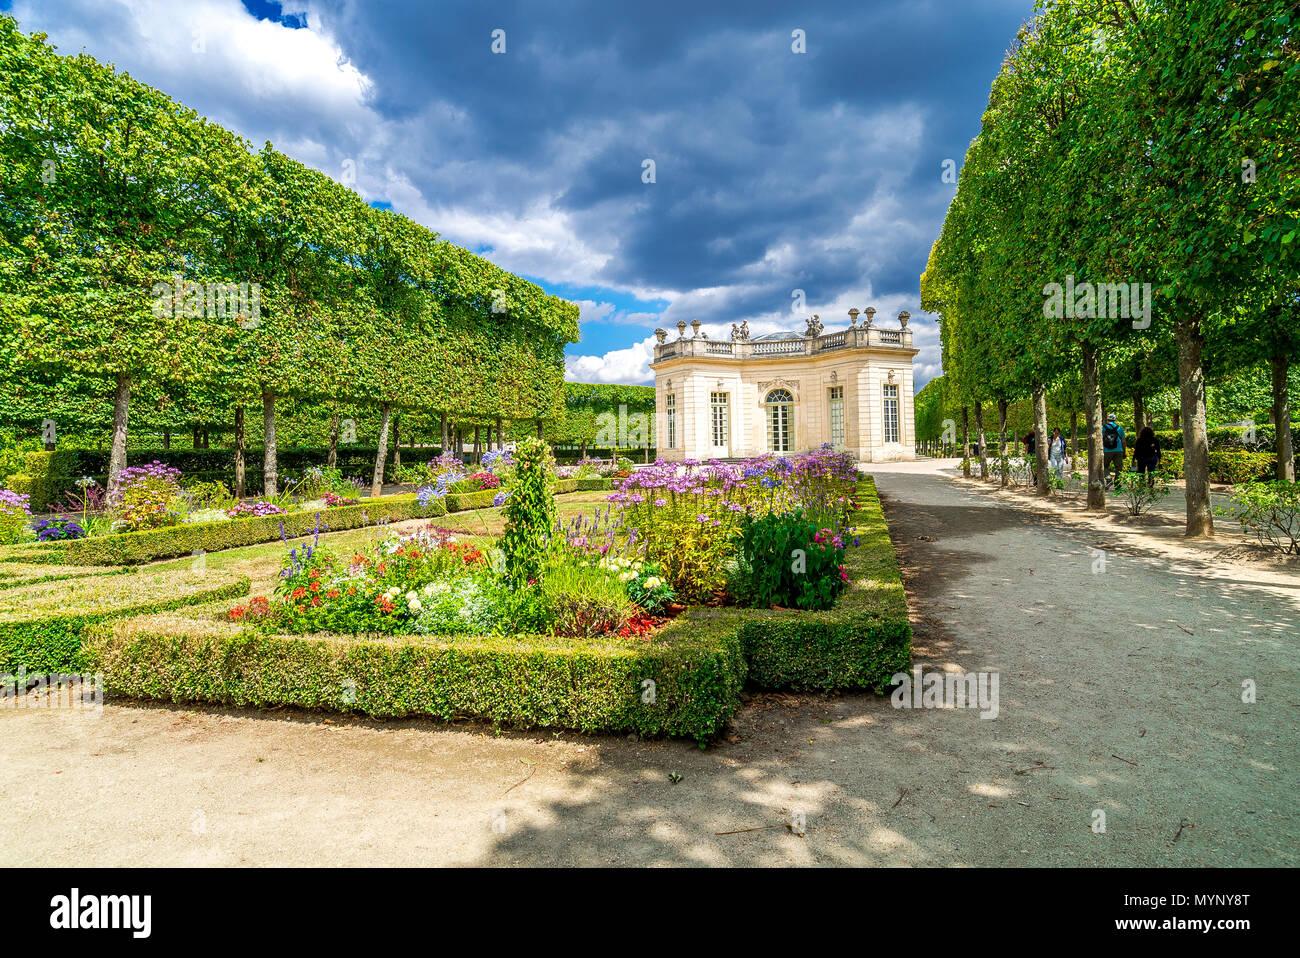 Die beeindruckenden Gärten auf dem Gelände des Schlosses von Versailles in Frankreich. Stockbild